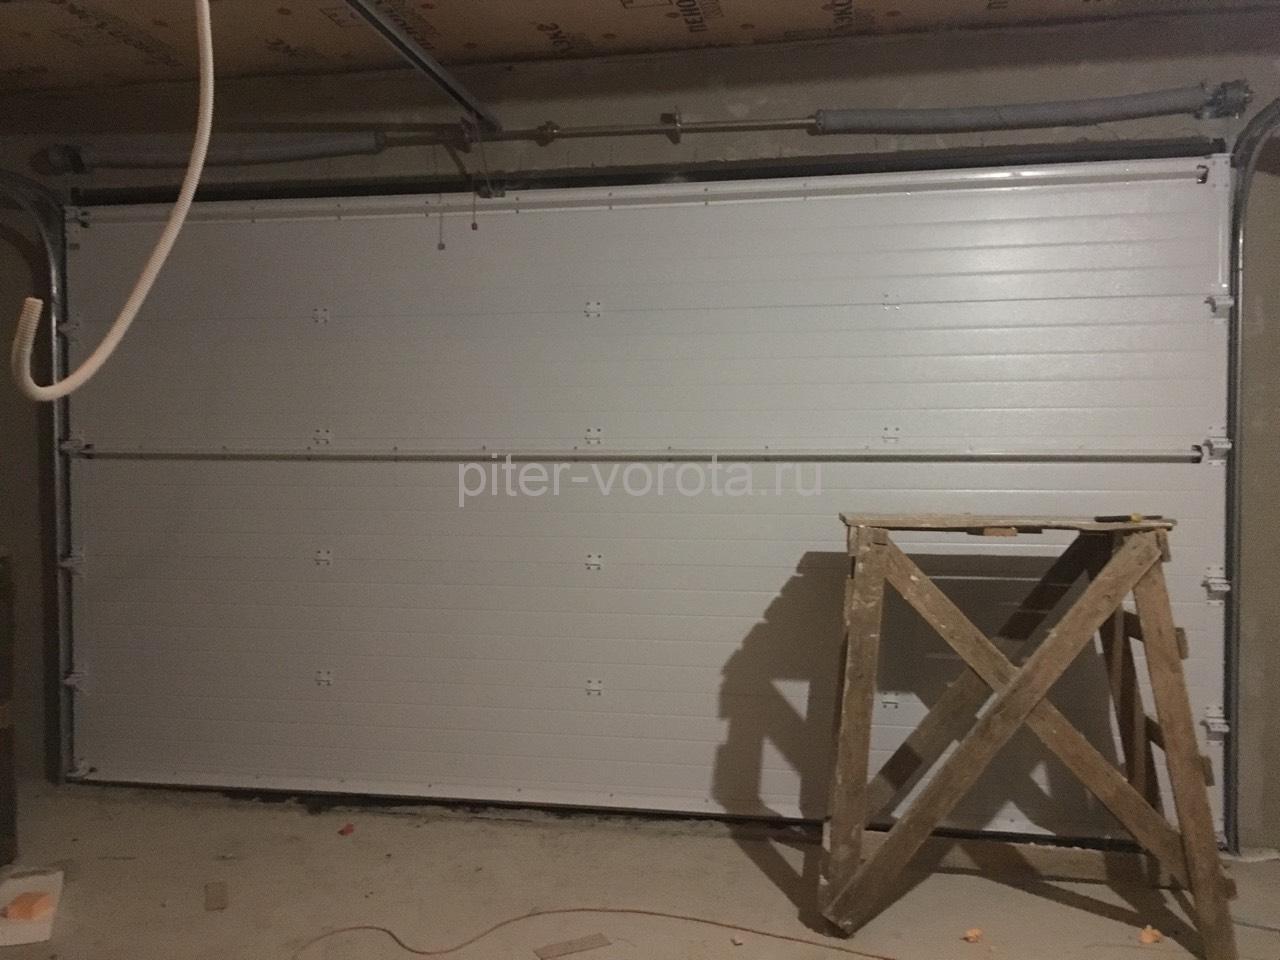 Ворота гаражные подъёмно-секционные Doorhan серии RSD01 во Владимировке